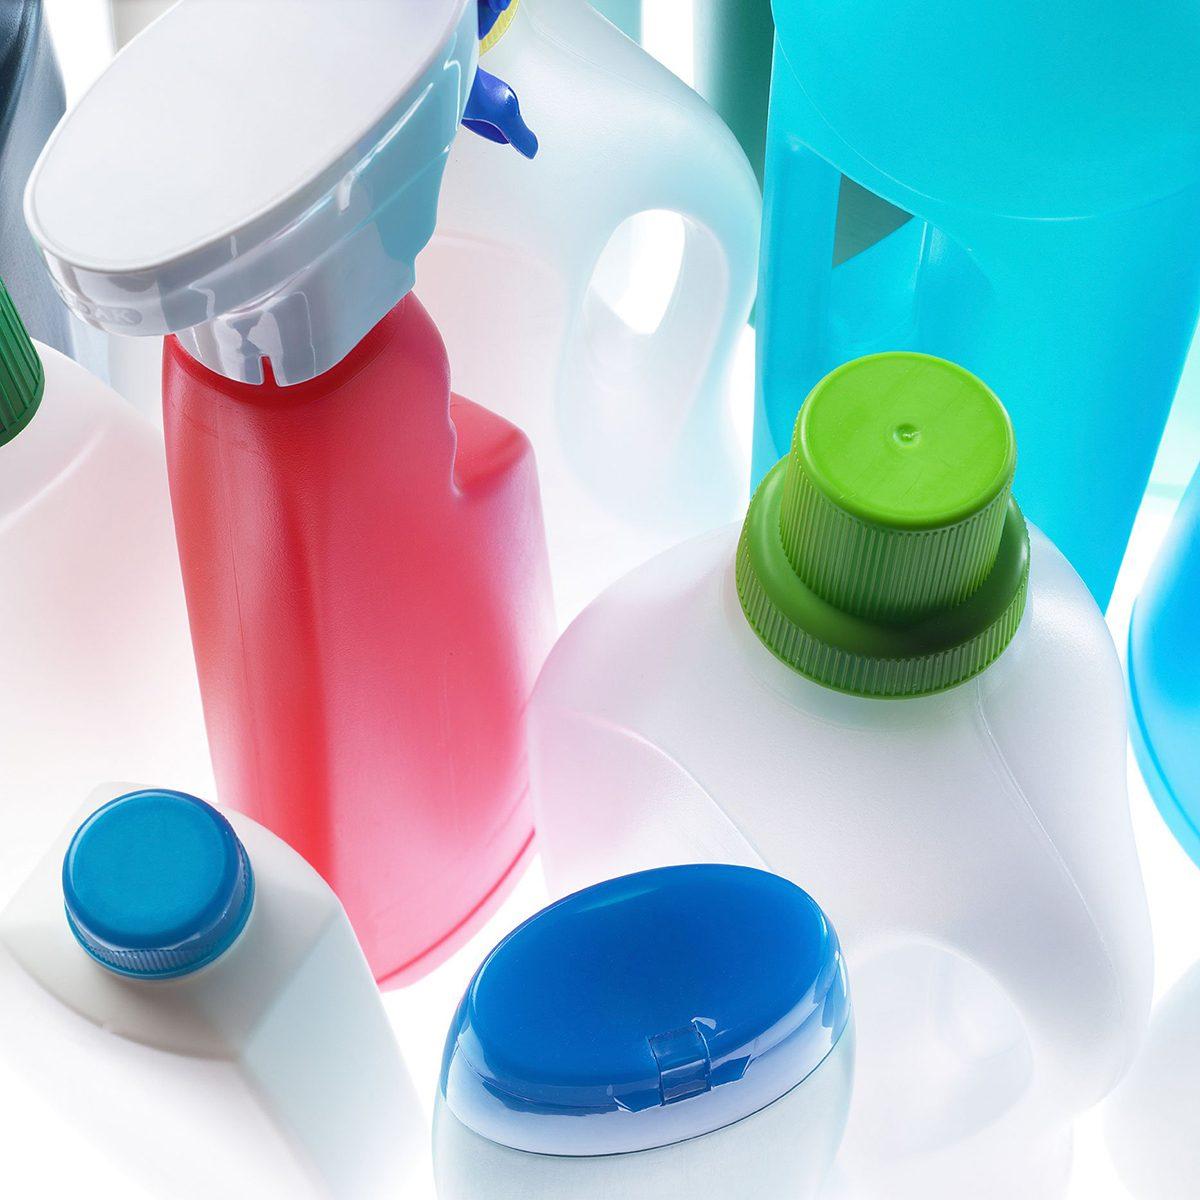 Bottles of ammonia